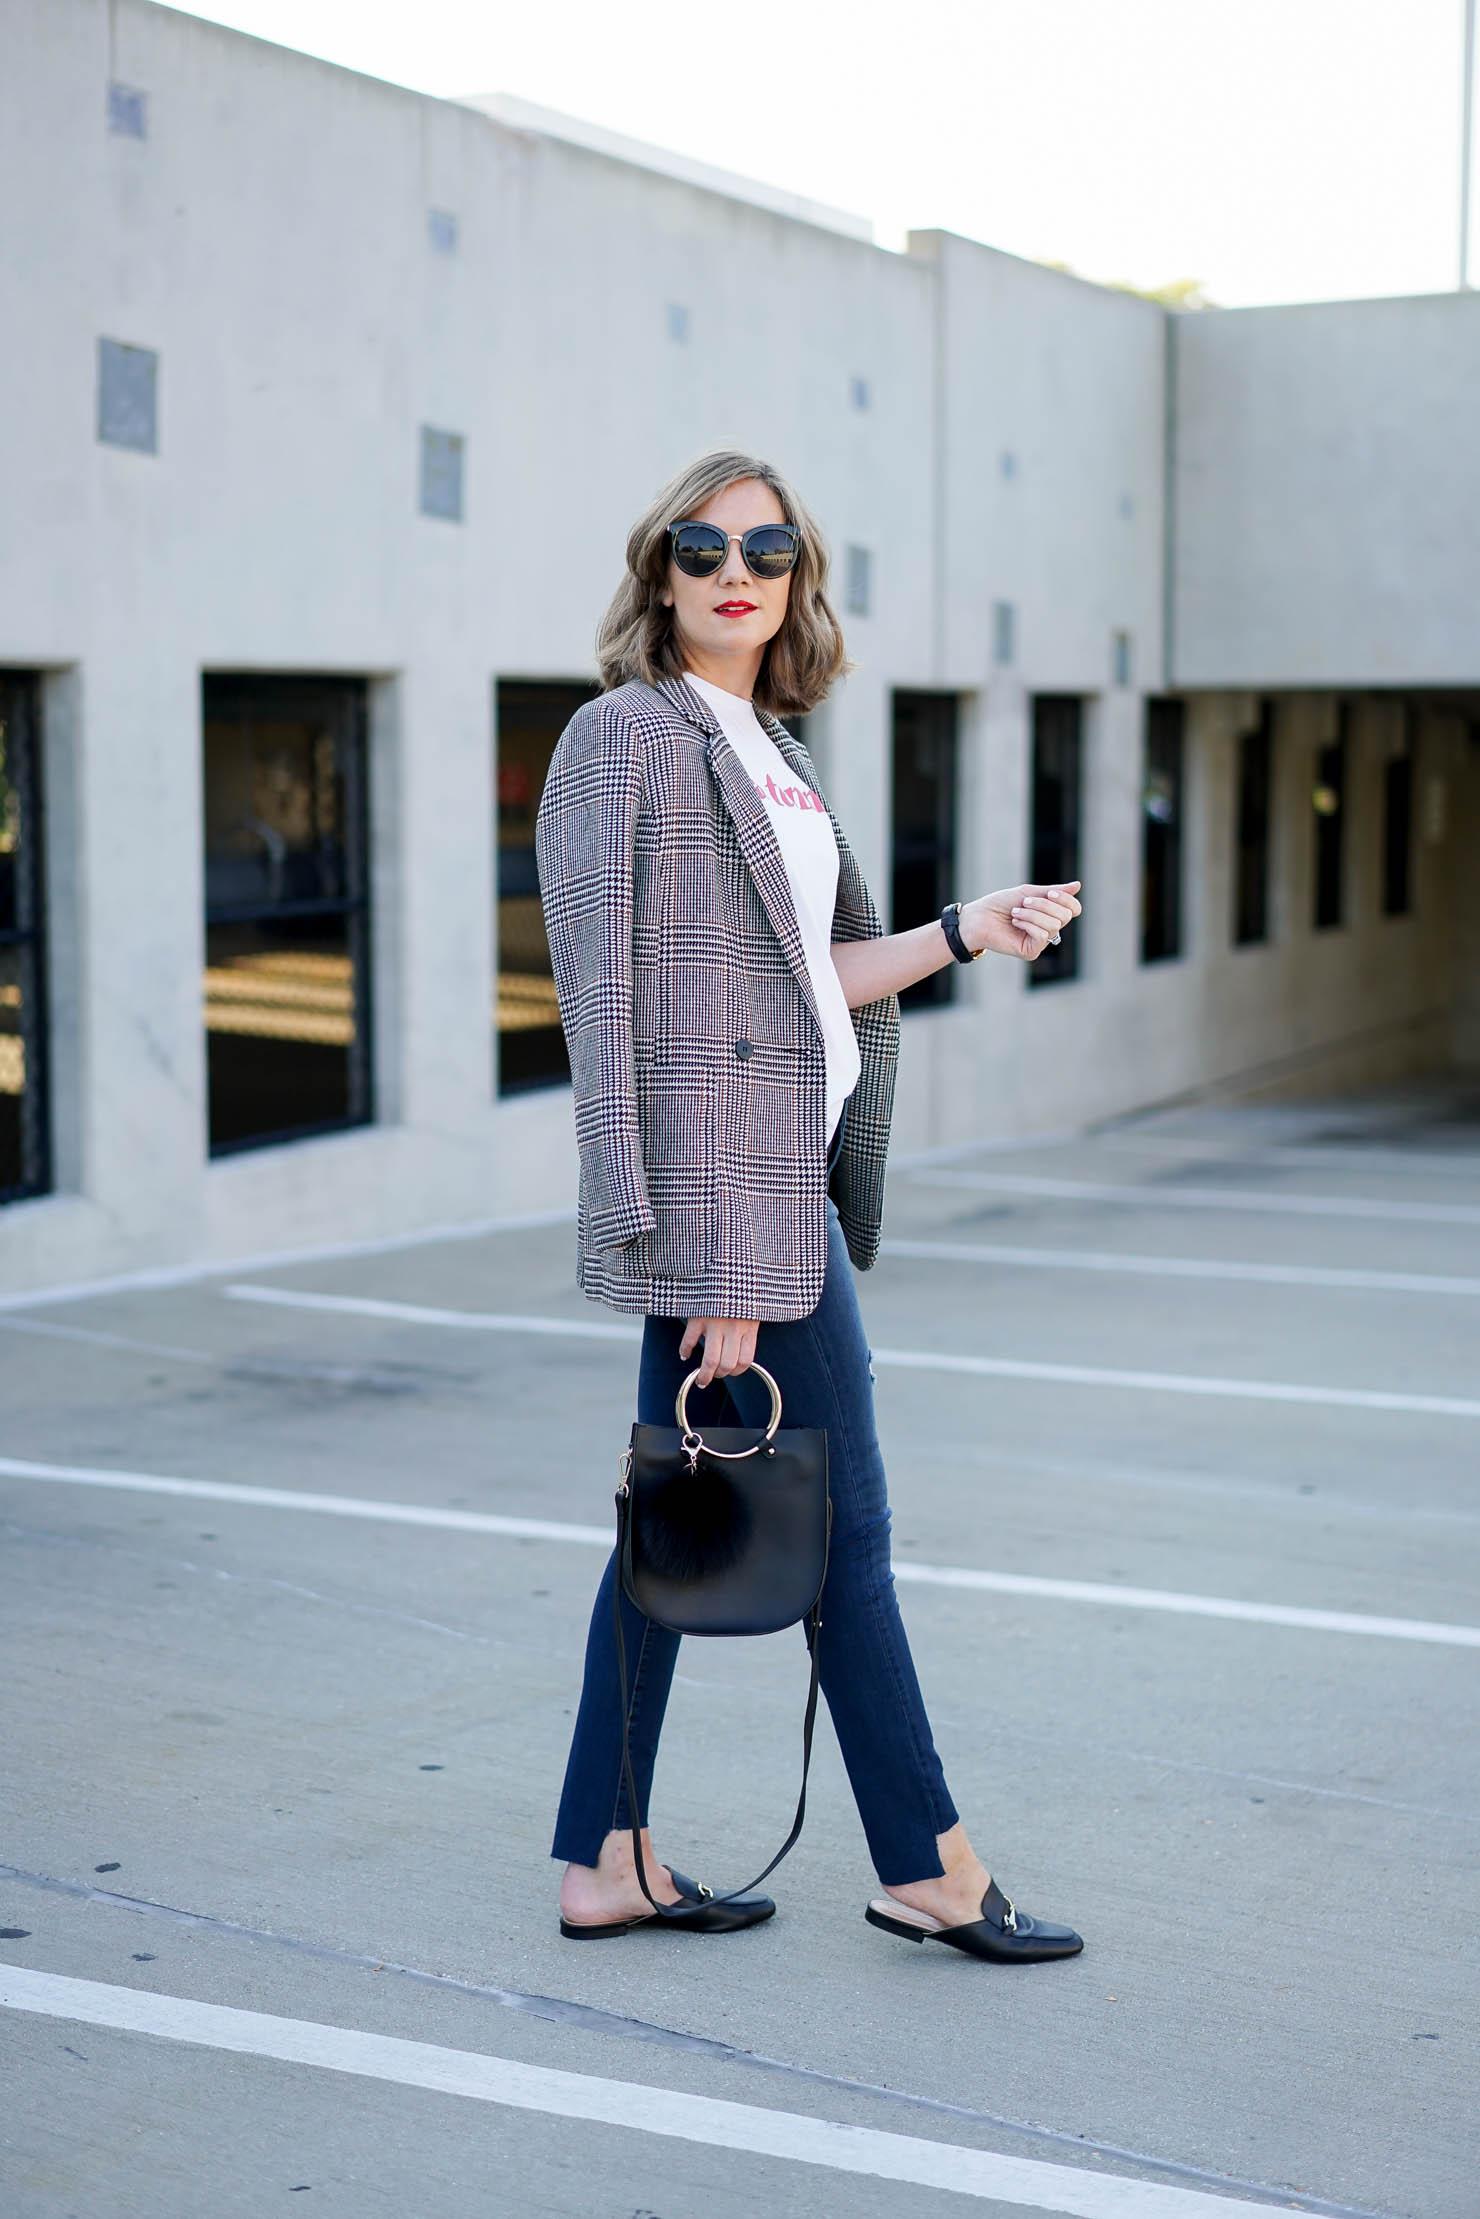 Fall Fashion Trends 2017 The Plaid Boyfriend Blazer Fashion Month Borrowed From The Boys Styling